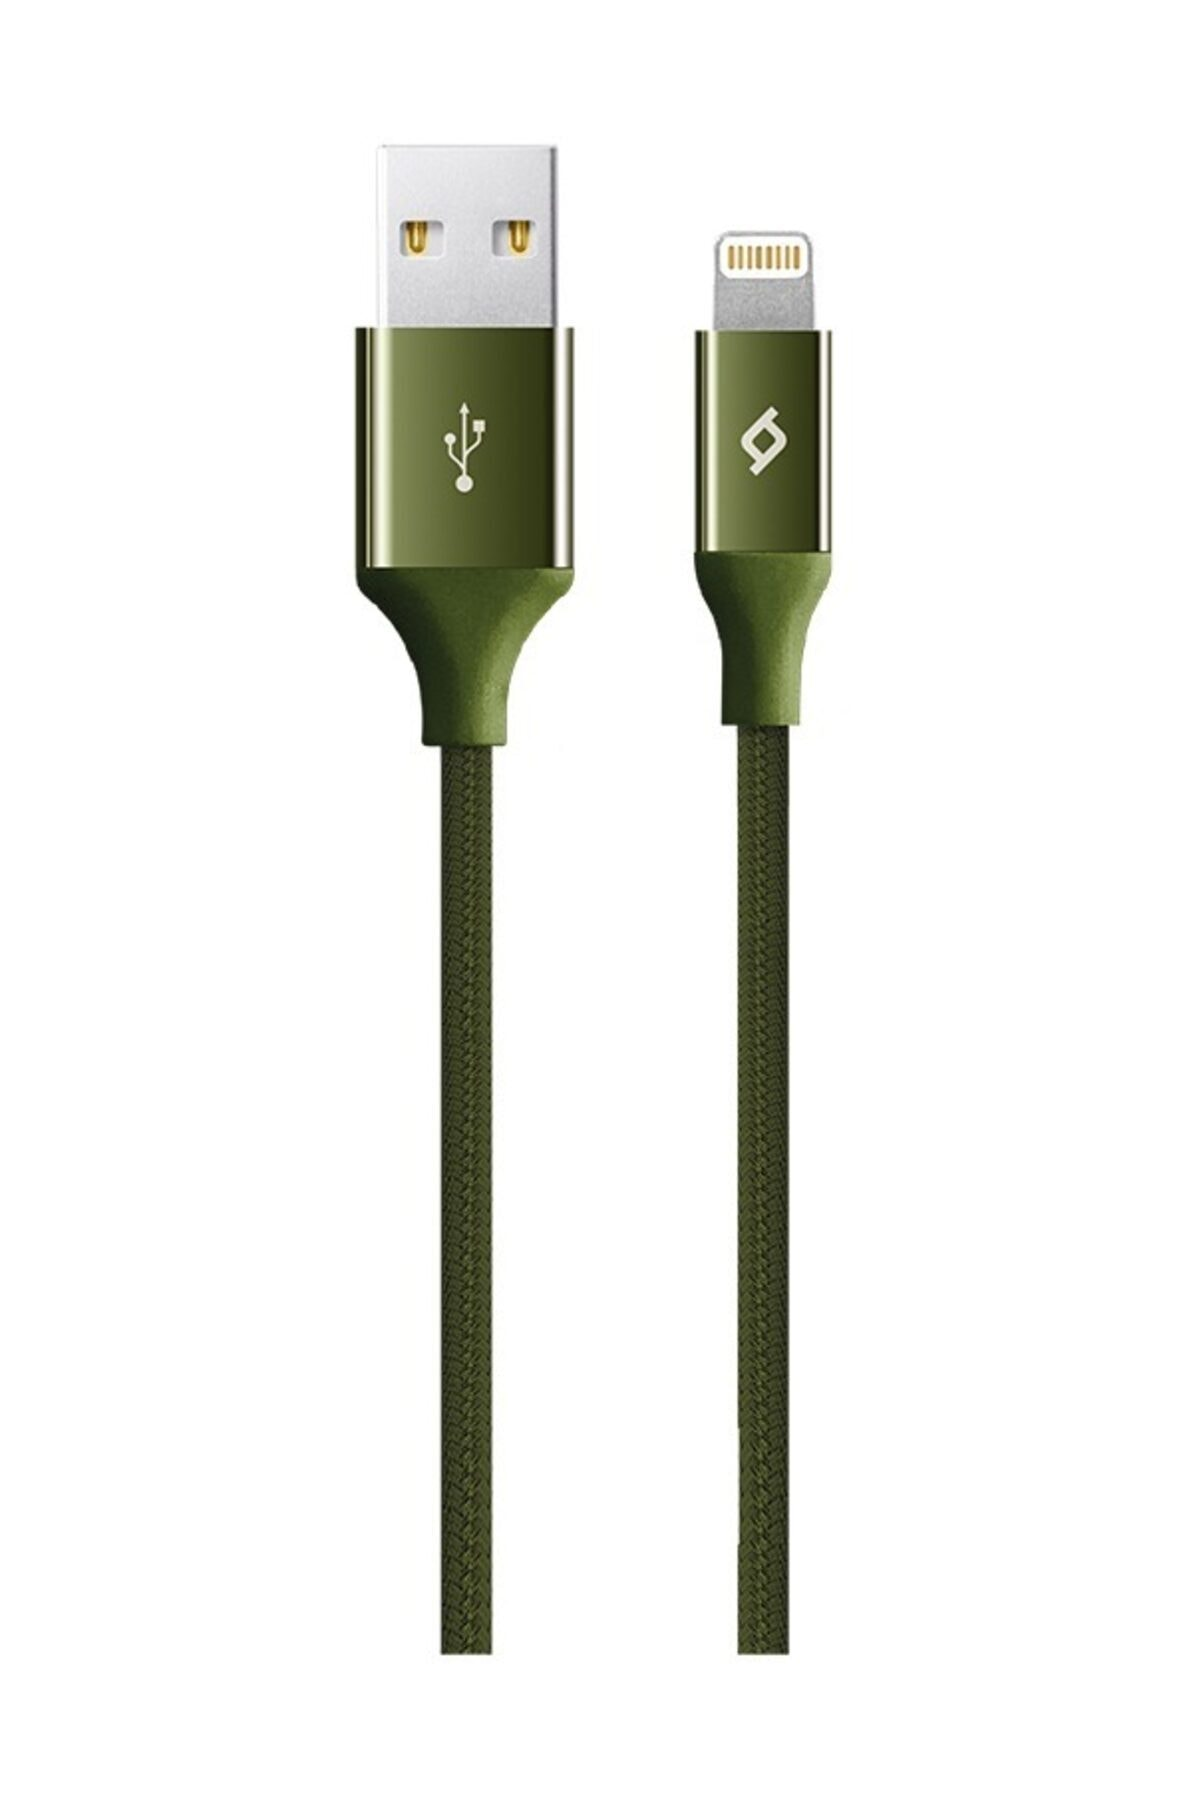 Ttec AlumiCable iPhone Şarj Kablosu Haki Yeşili 2DK16HY 1